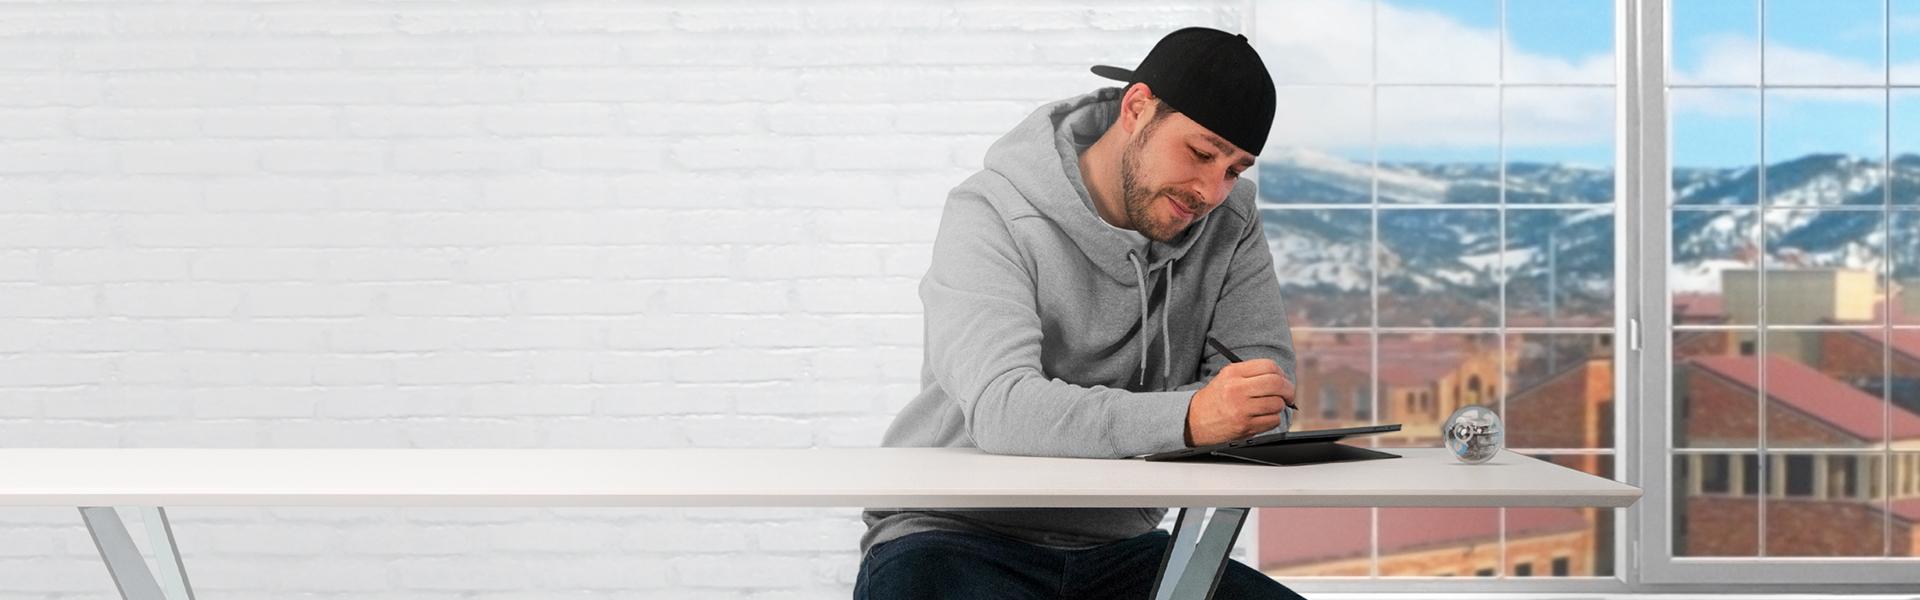 Χαμογελαστός άντρας που εργάζεται σε ένα γραφείο με ένα Surface.